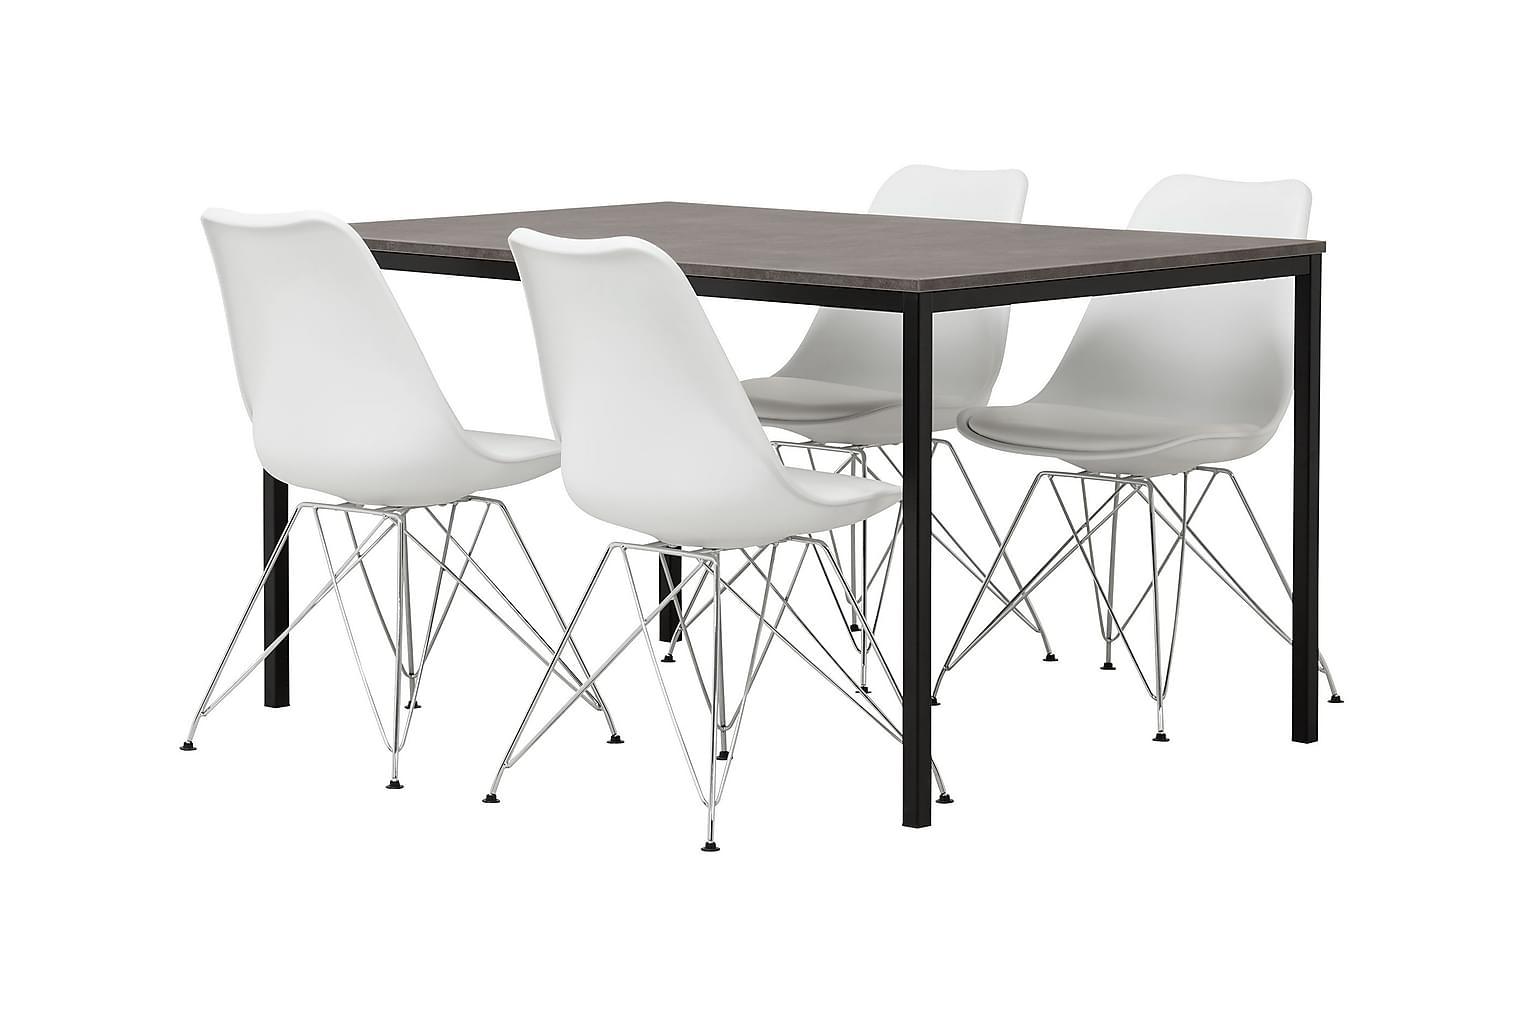 NOOMI Pöytä 138 Harmaa/Musta+ 4 SHELLO Tuolia Valkoinen/Krom